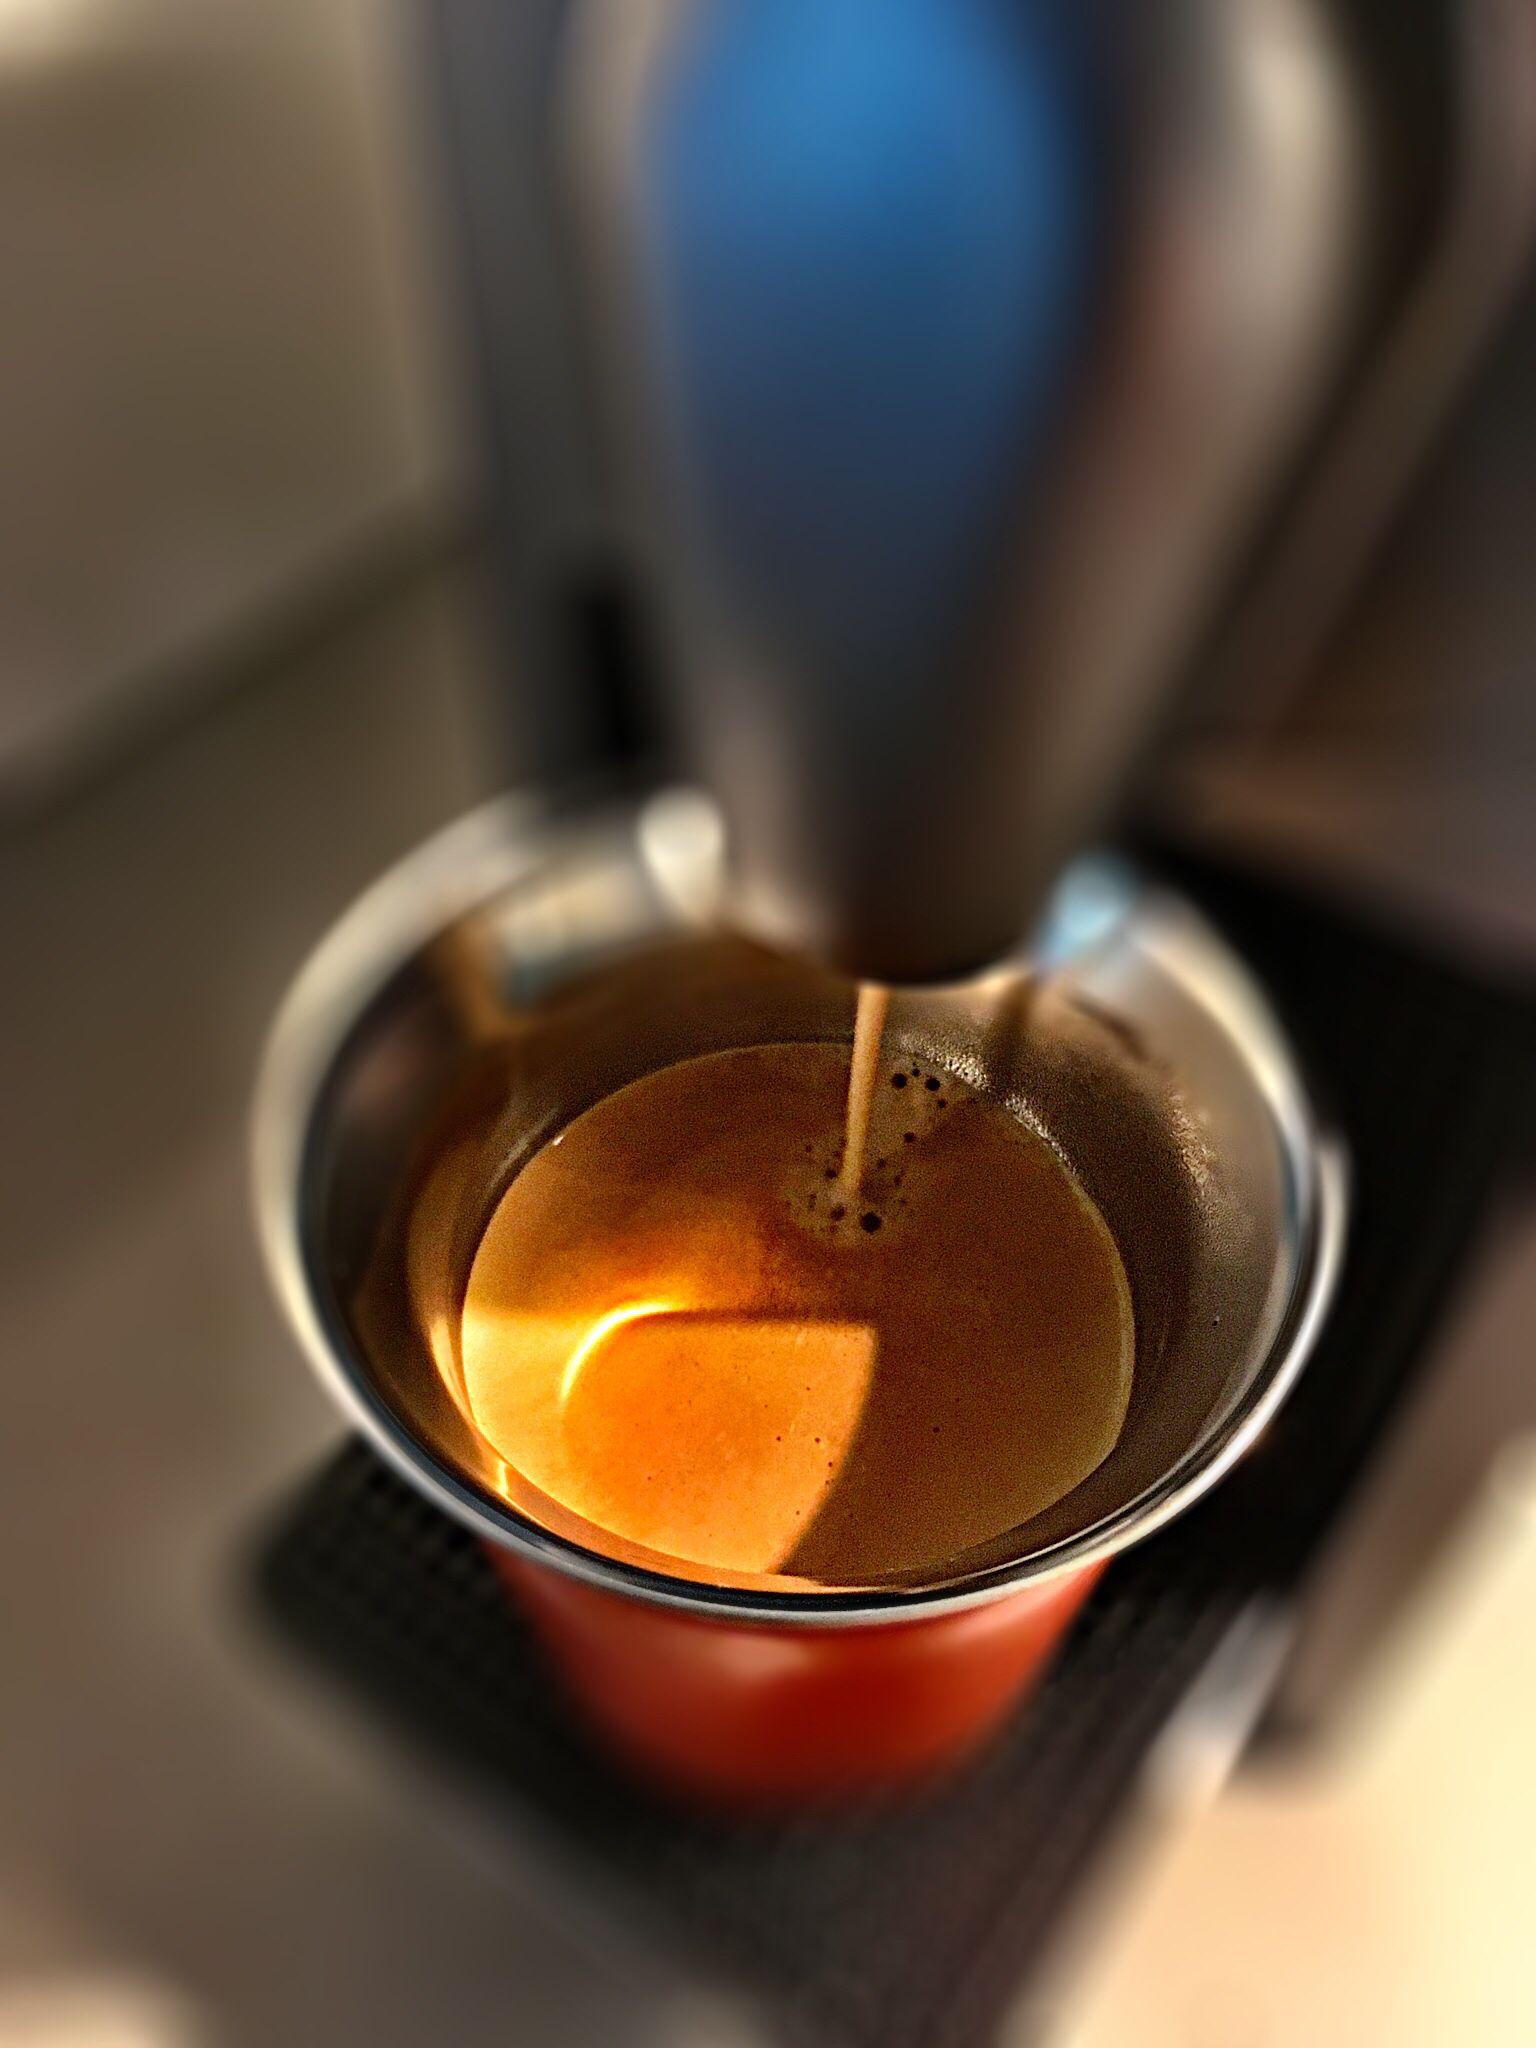 Guten Morgen…den ersten Ferientag beginnen wir mit einem #Arpeggio #Kaffe von @Nespresso